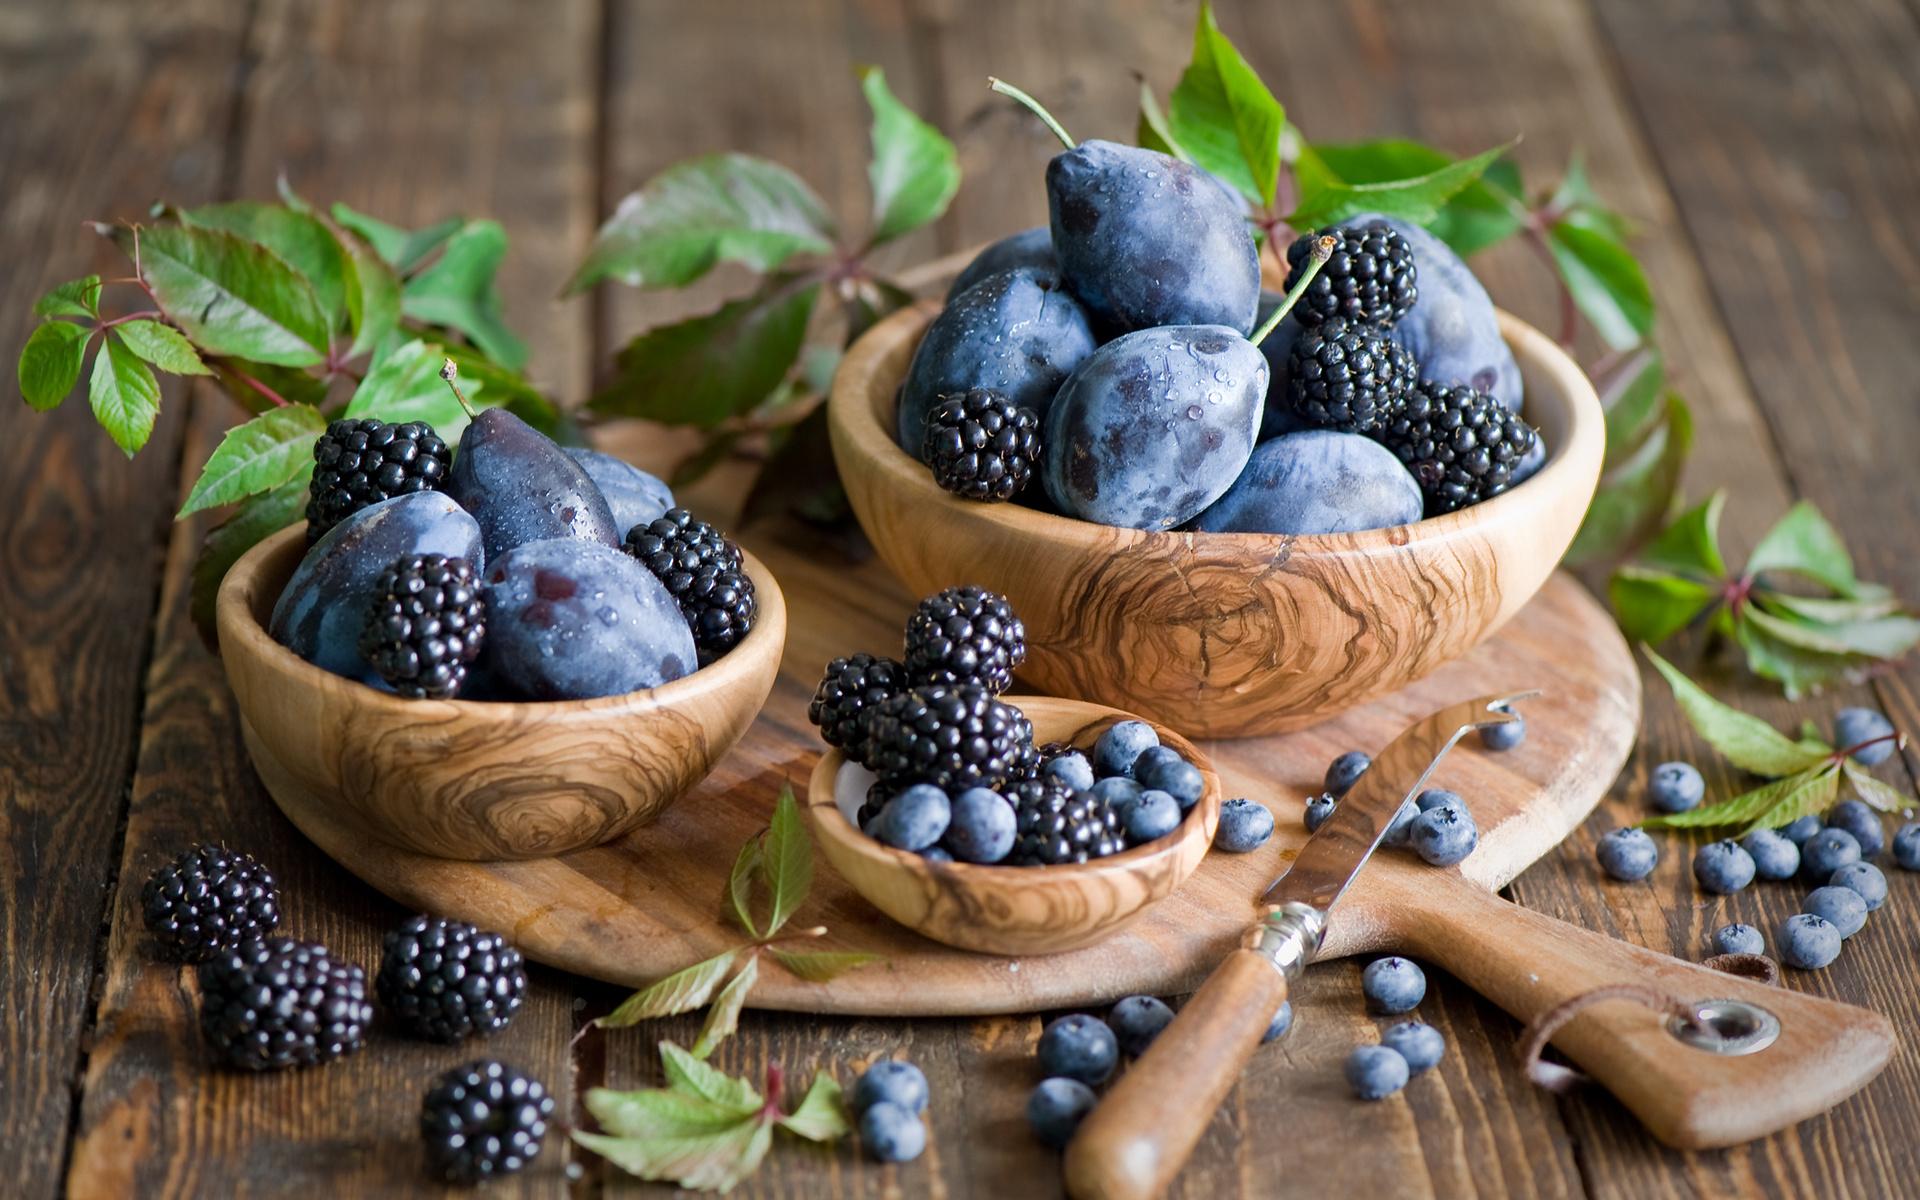 Blackberry fruit wallpaper - Blackberries Blueberries Still Life Fruit Wallpaper 1920x1200 162684 Wallpaperup